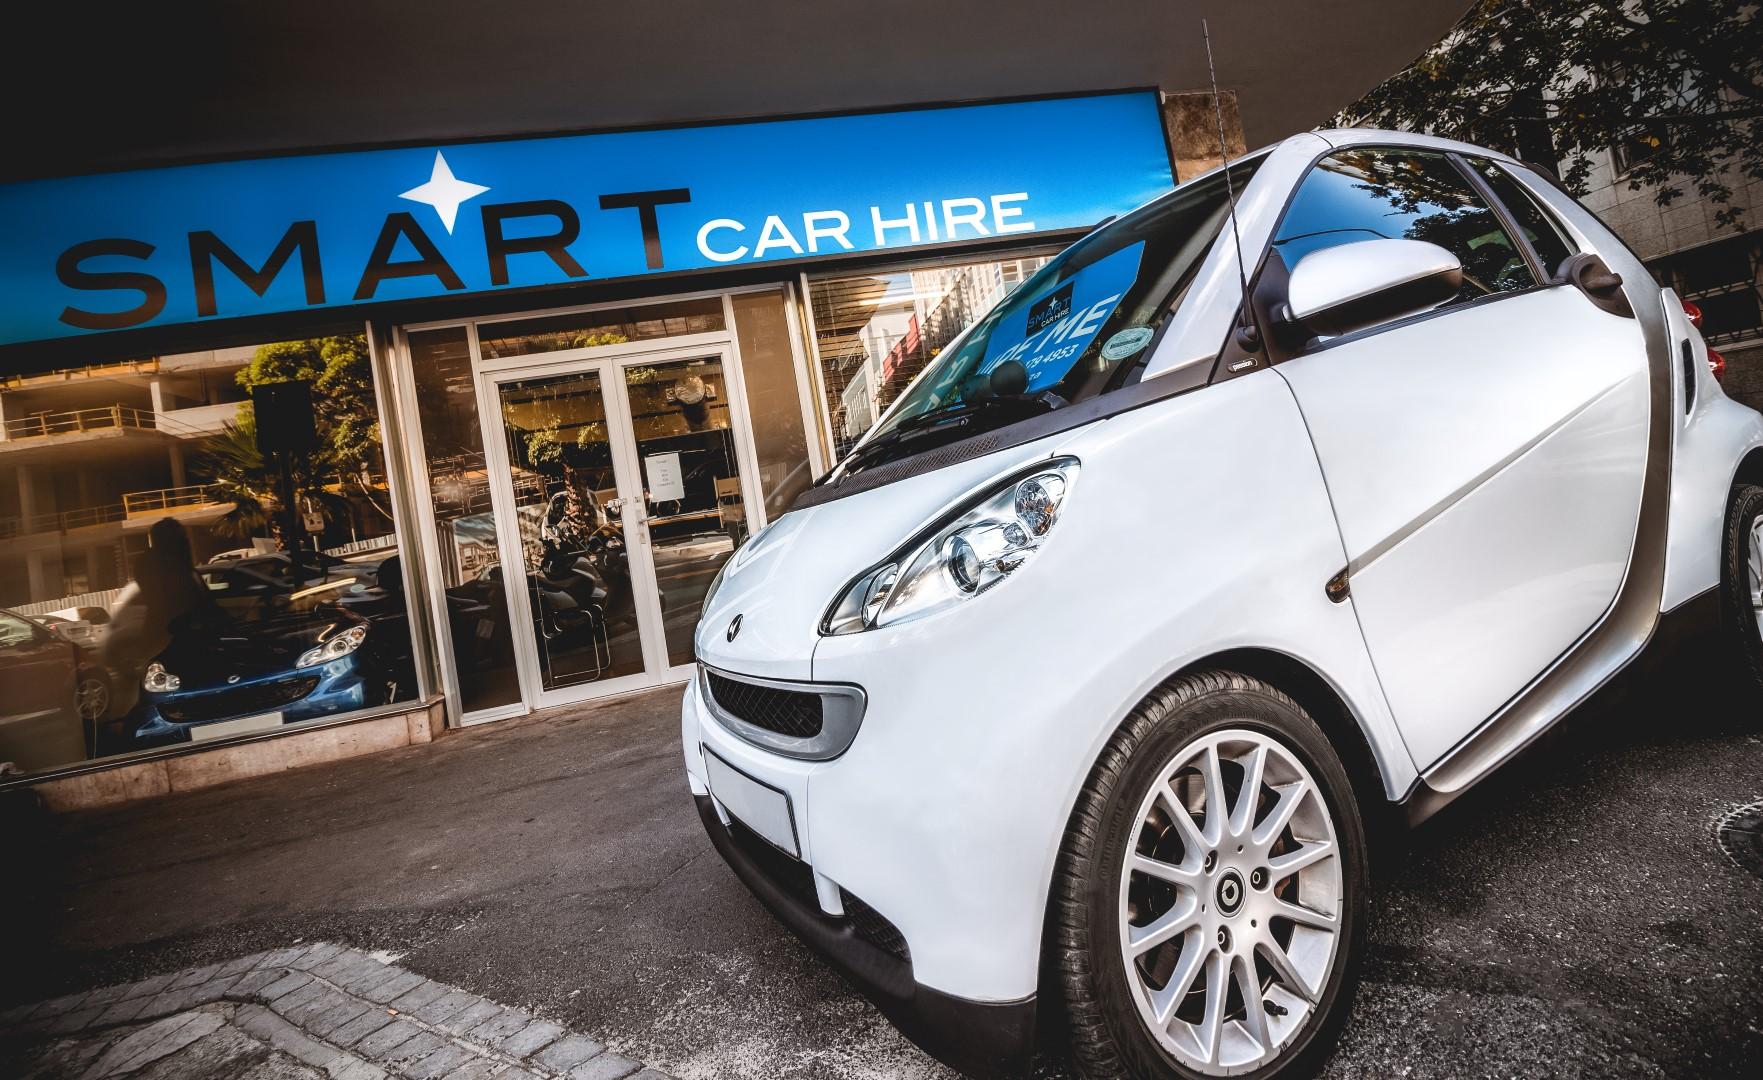 smartcarhire.co.za